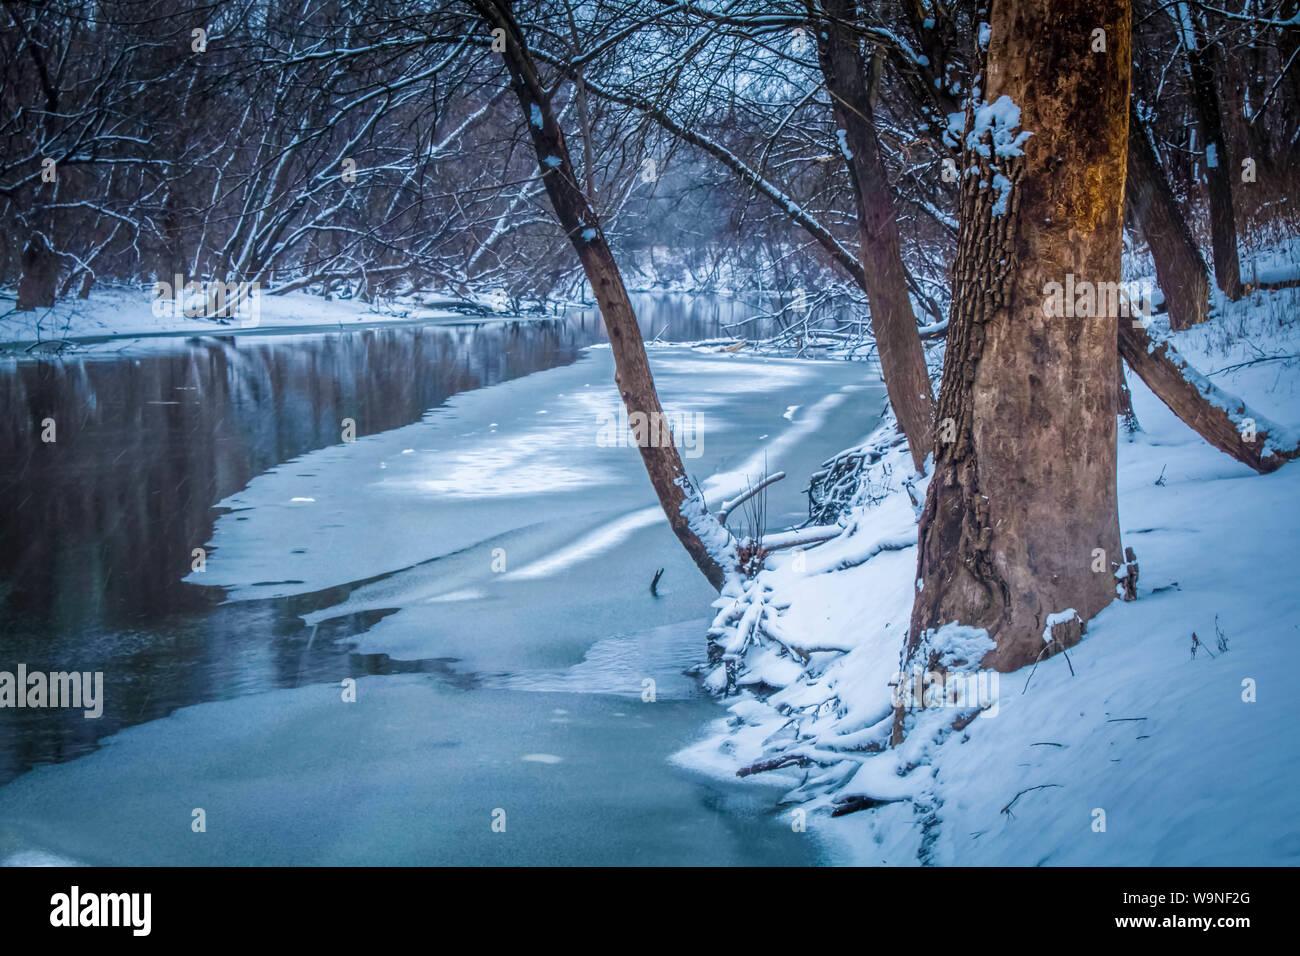 Frozen Des Plaines River Landscape Stock Photo